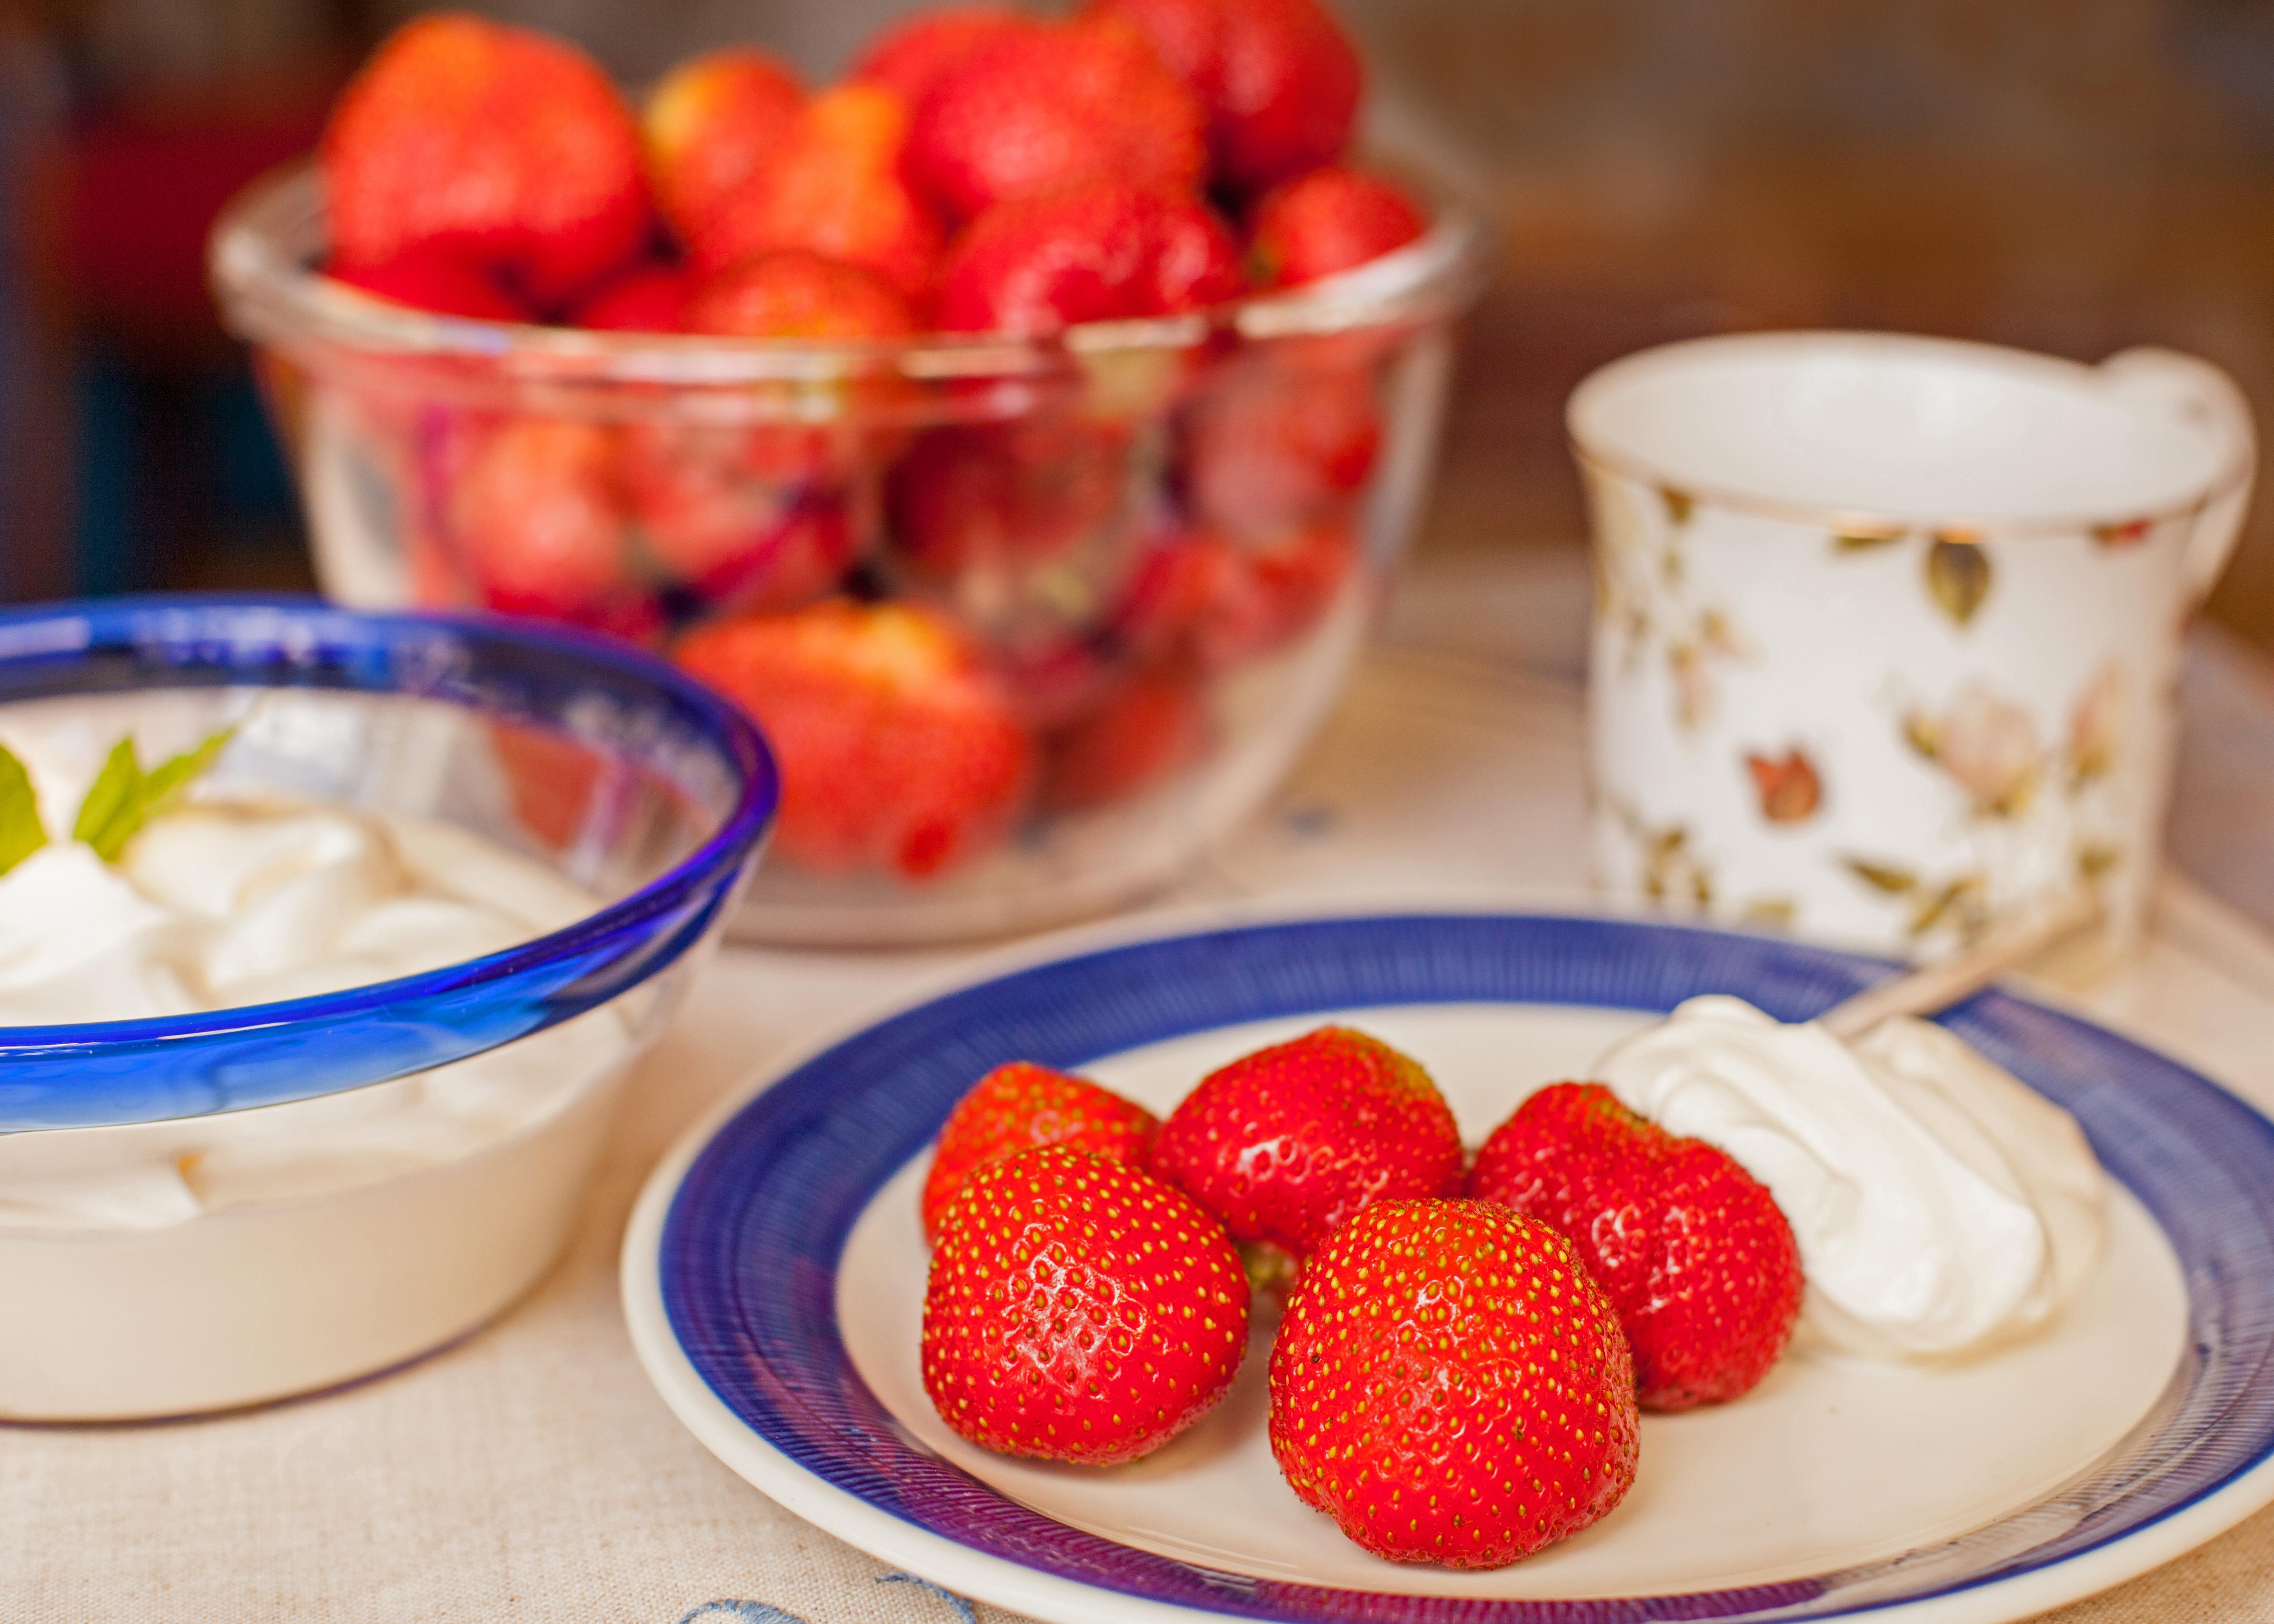 Jordgubbar är fyllda av såväl vitaminer som antioxidanter.